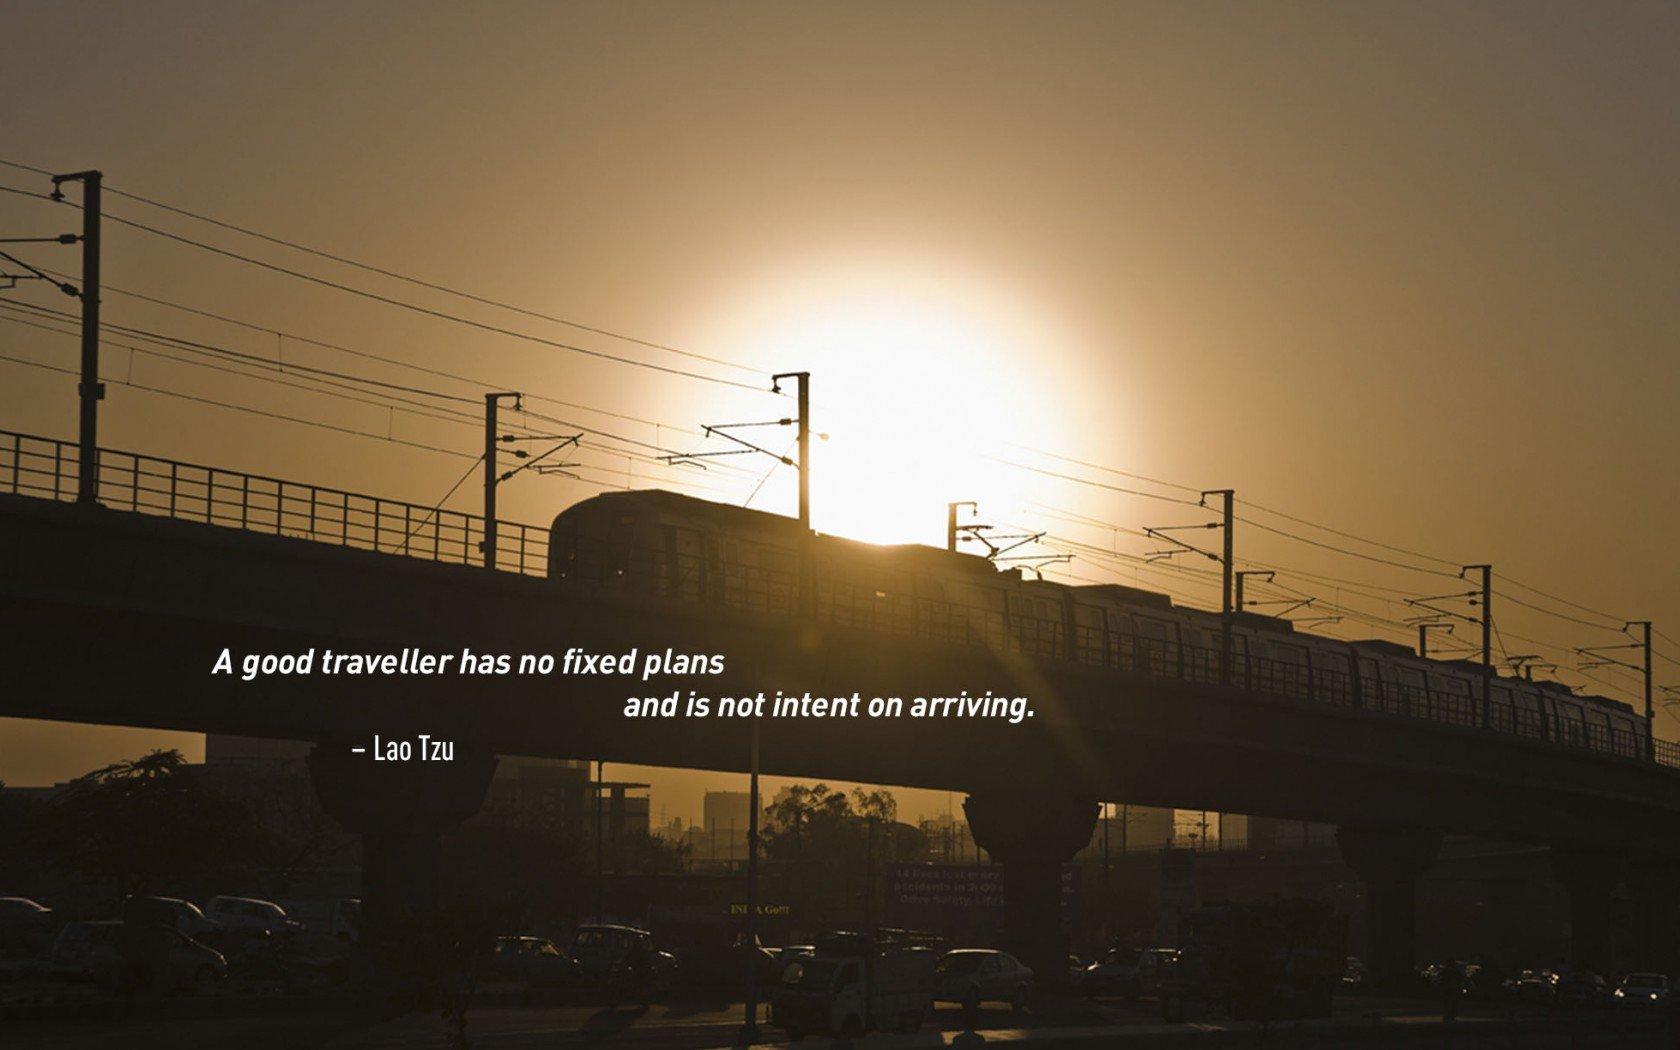 Citation de voyage inspirante de Lao Tzu.